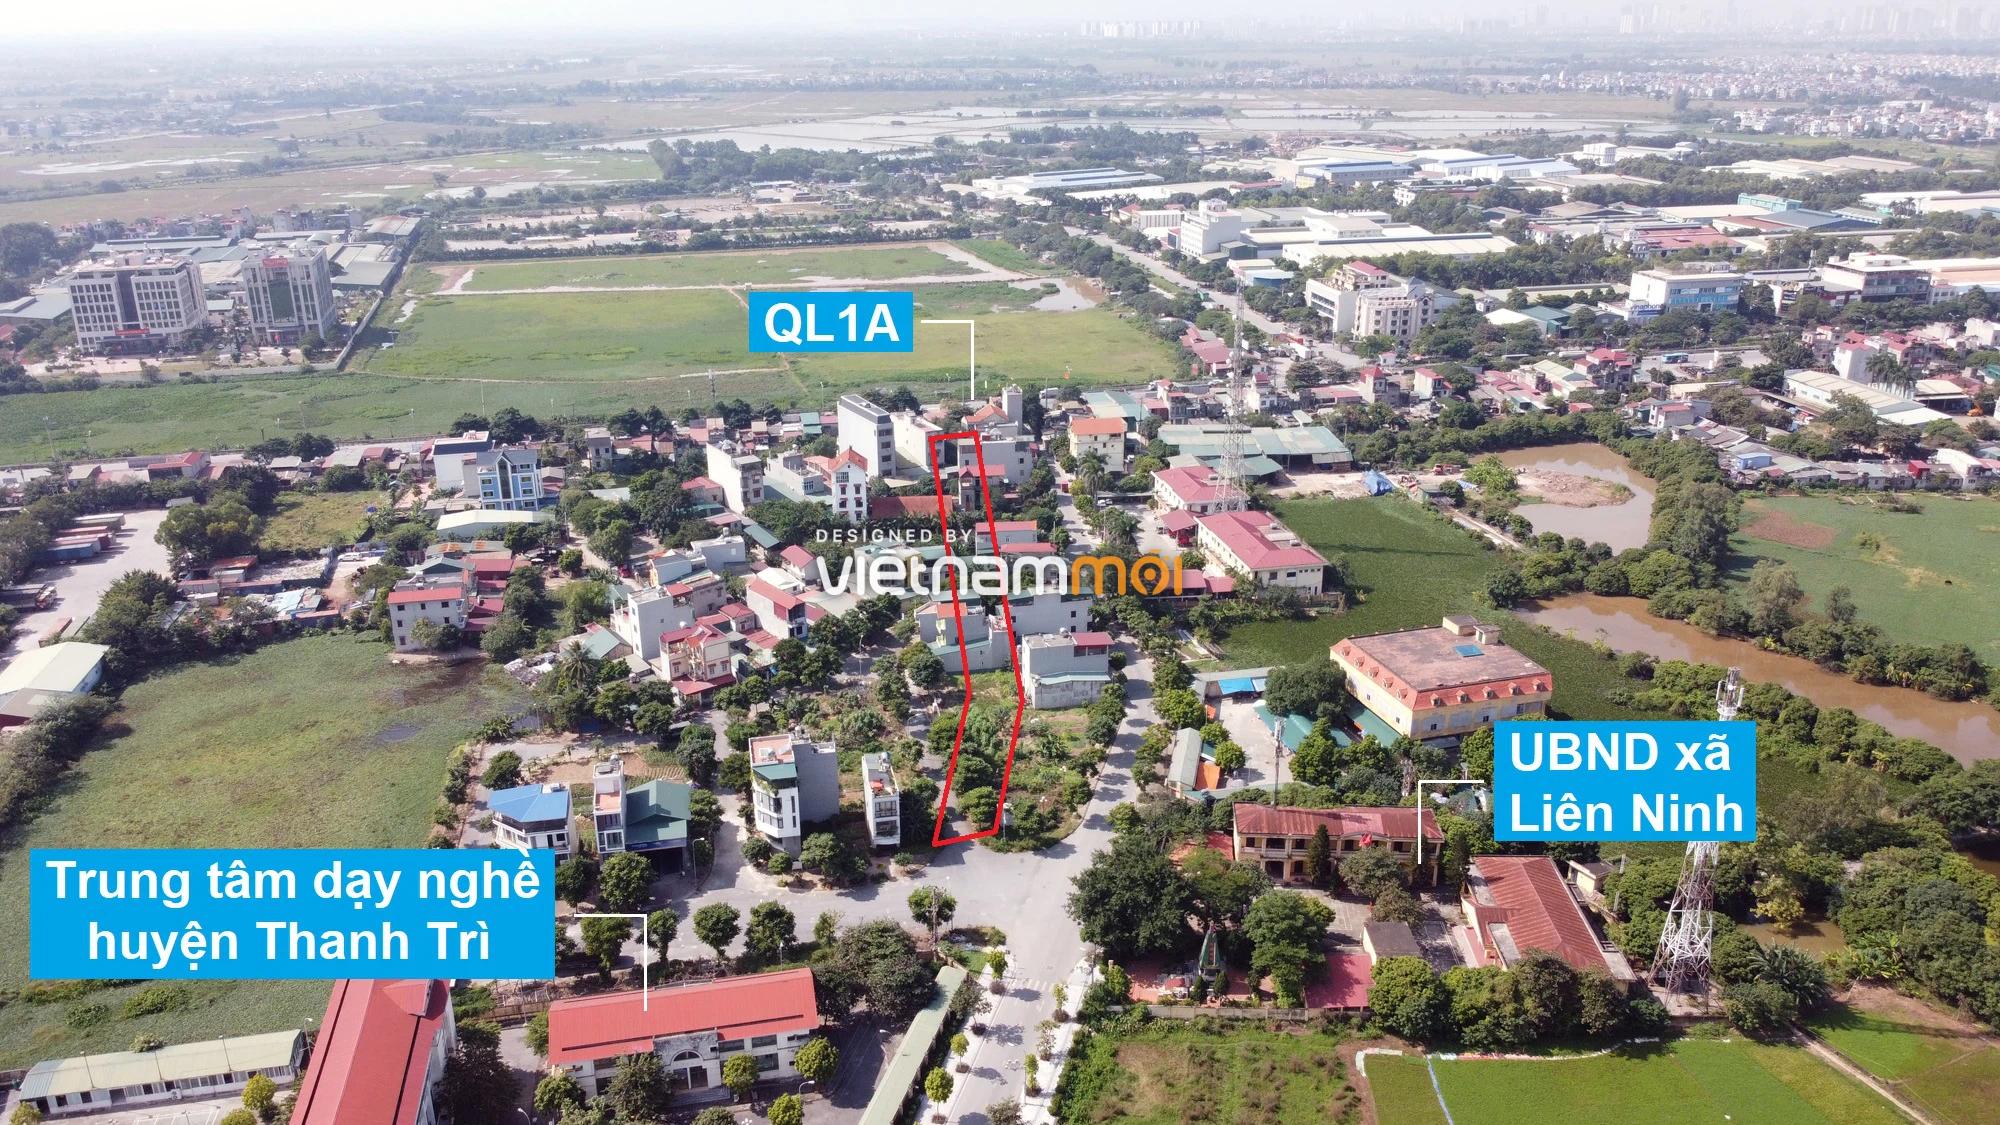 Những khu đất sắp thu hồi để mở đường ở xã Liên Ninh, Thanh Trì, Hà Nội (phần 1) - Ảnh 11.